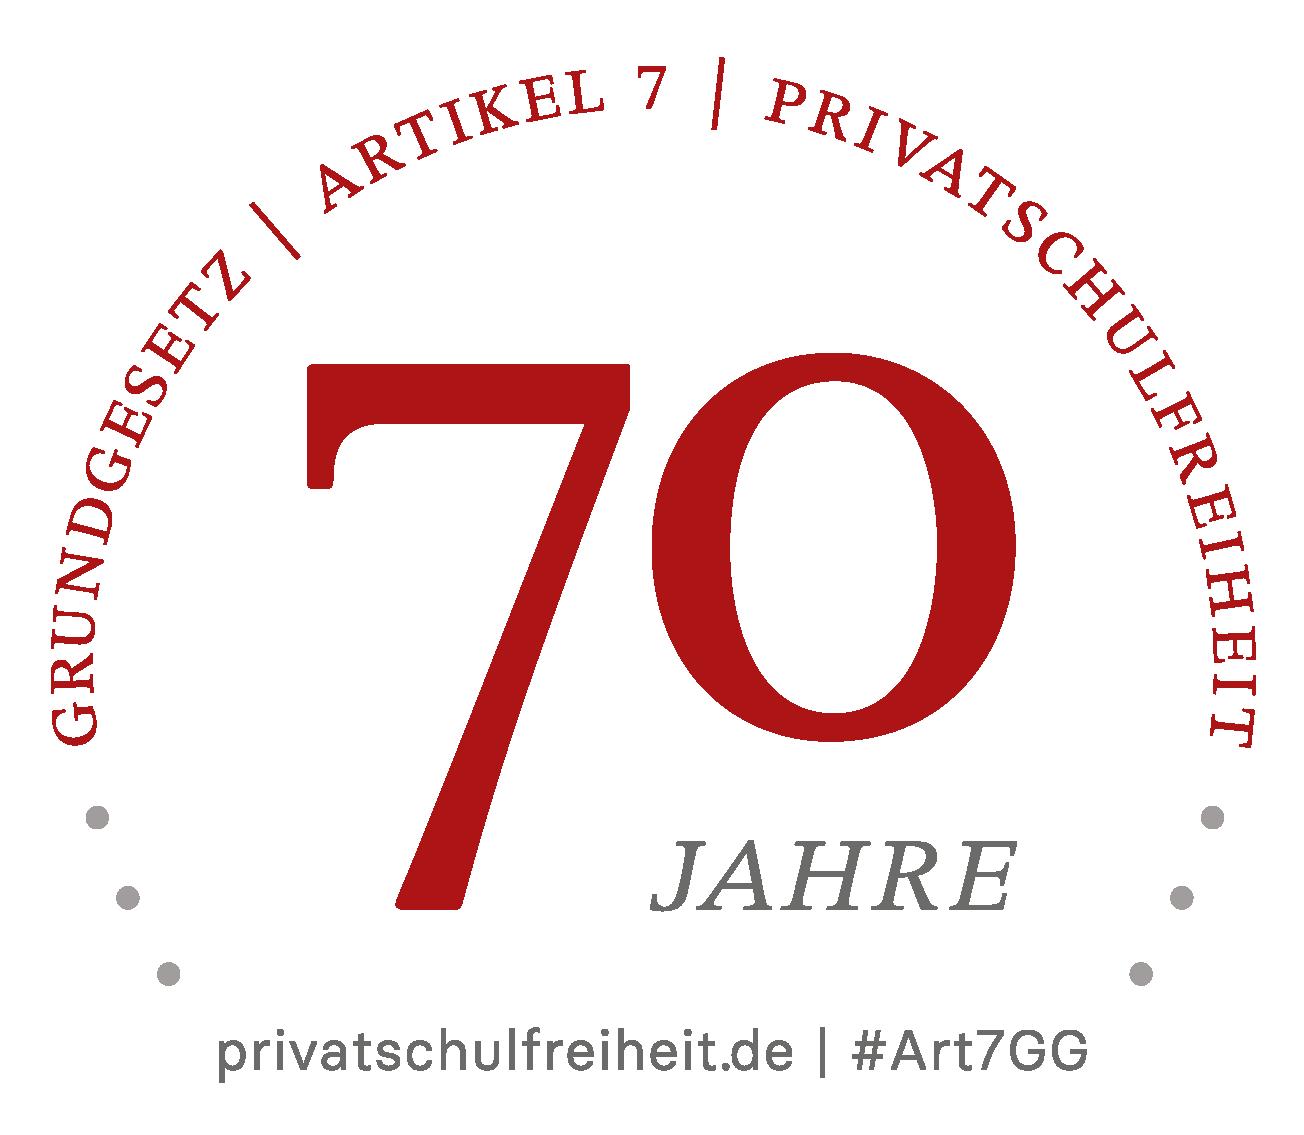 70 Jahre Privatschulfreiheit